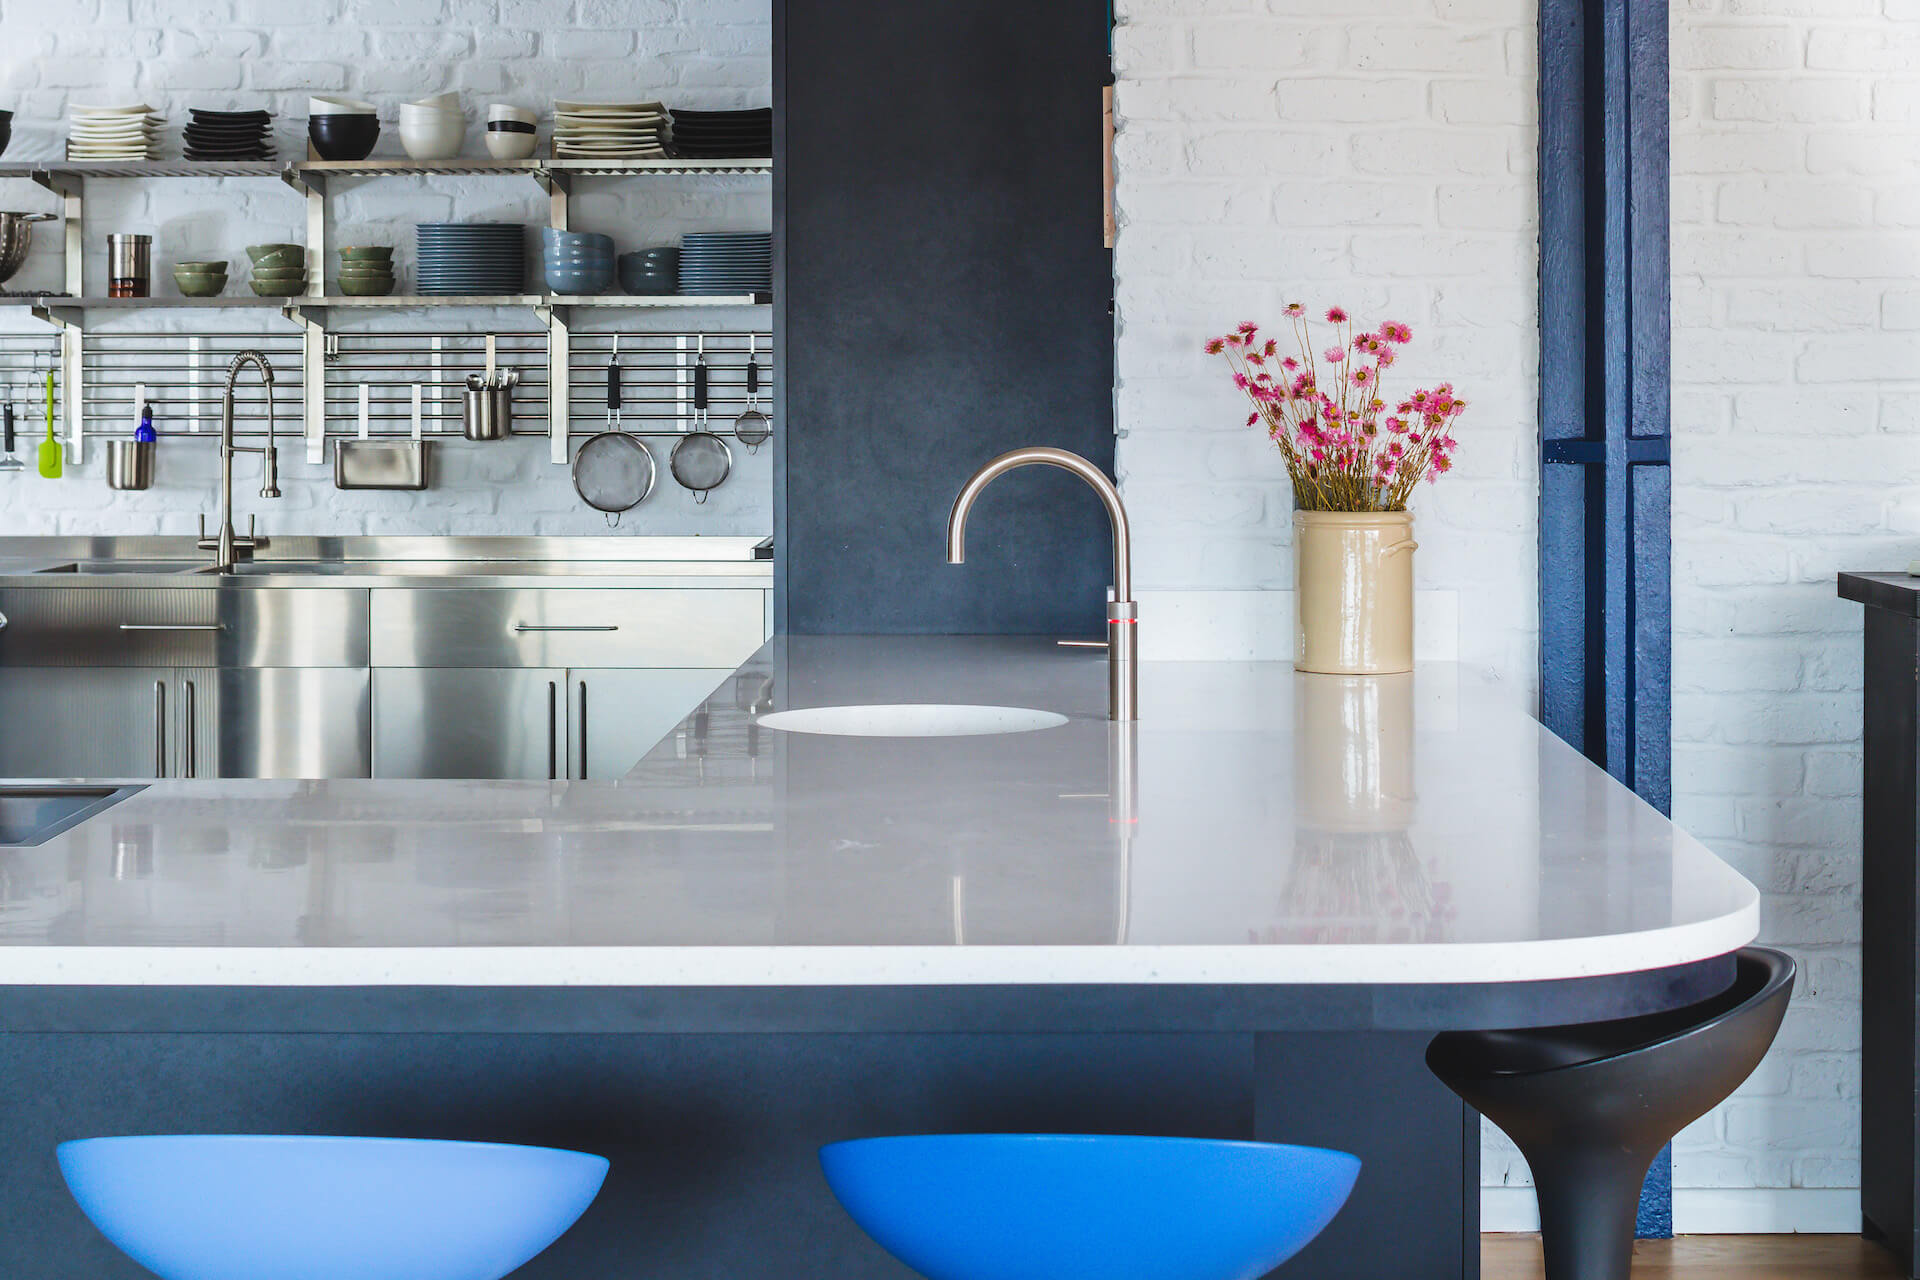 The Richlite Kitchen - Designer White Corian worktops with Quooker Tap